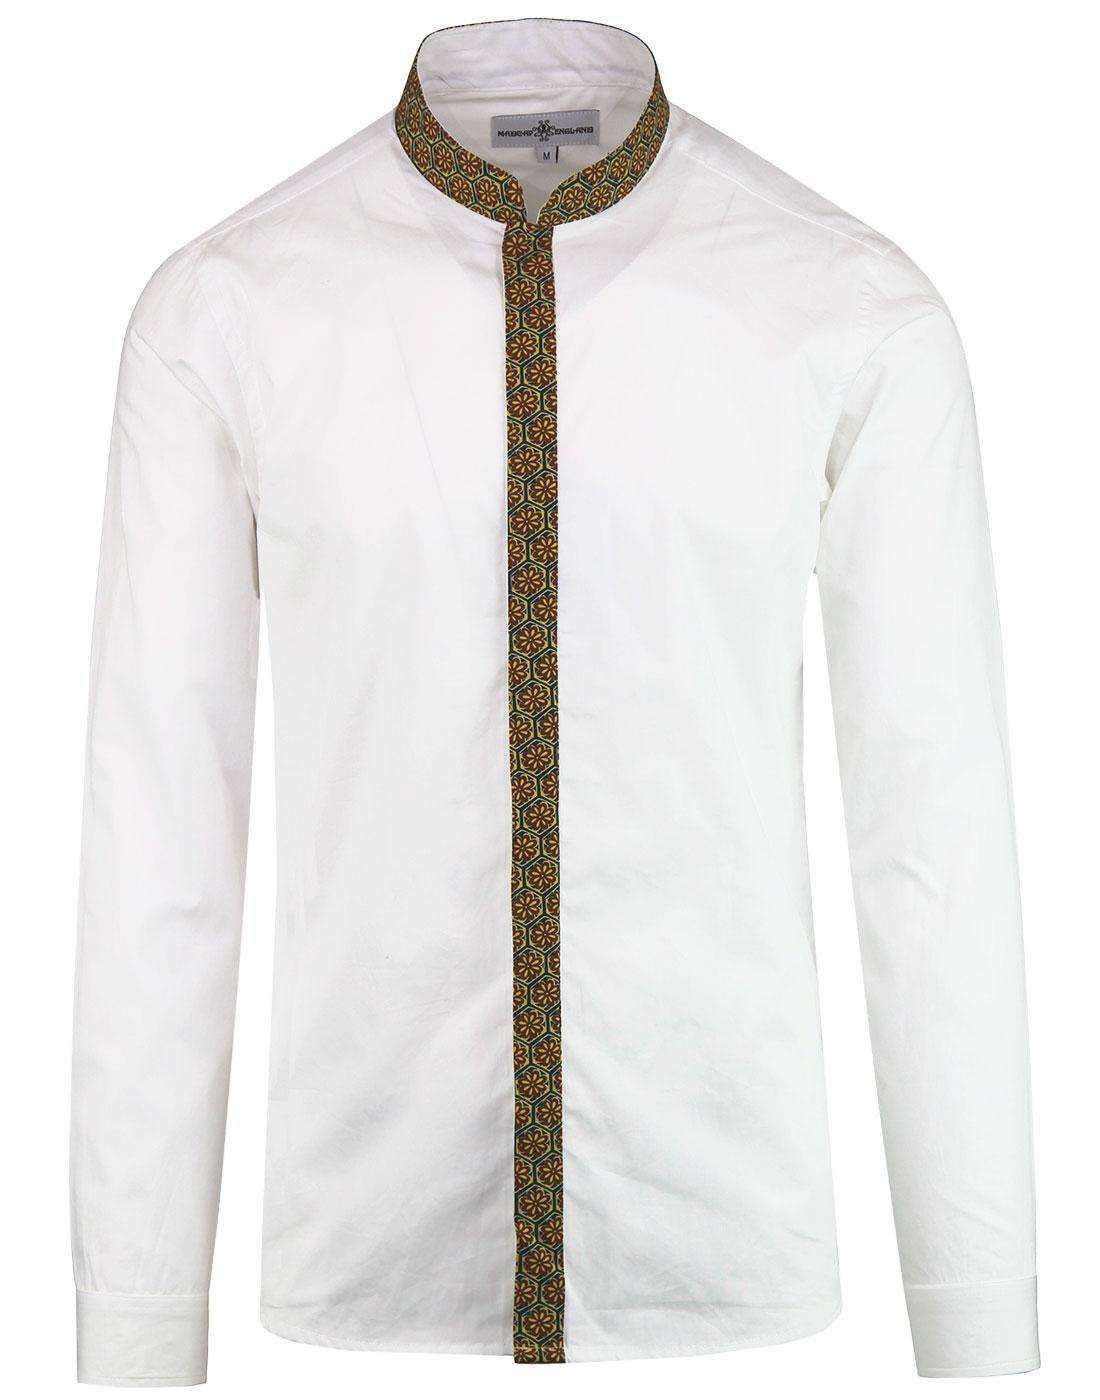 madcap england azimuth floral trim grandad shirt